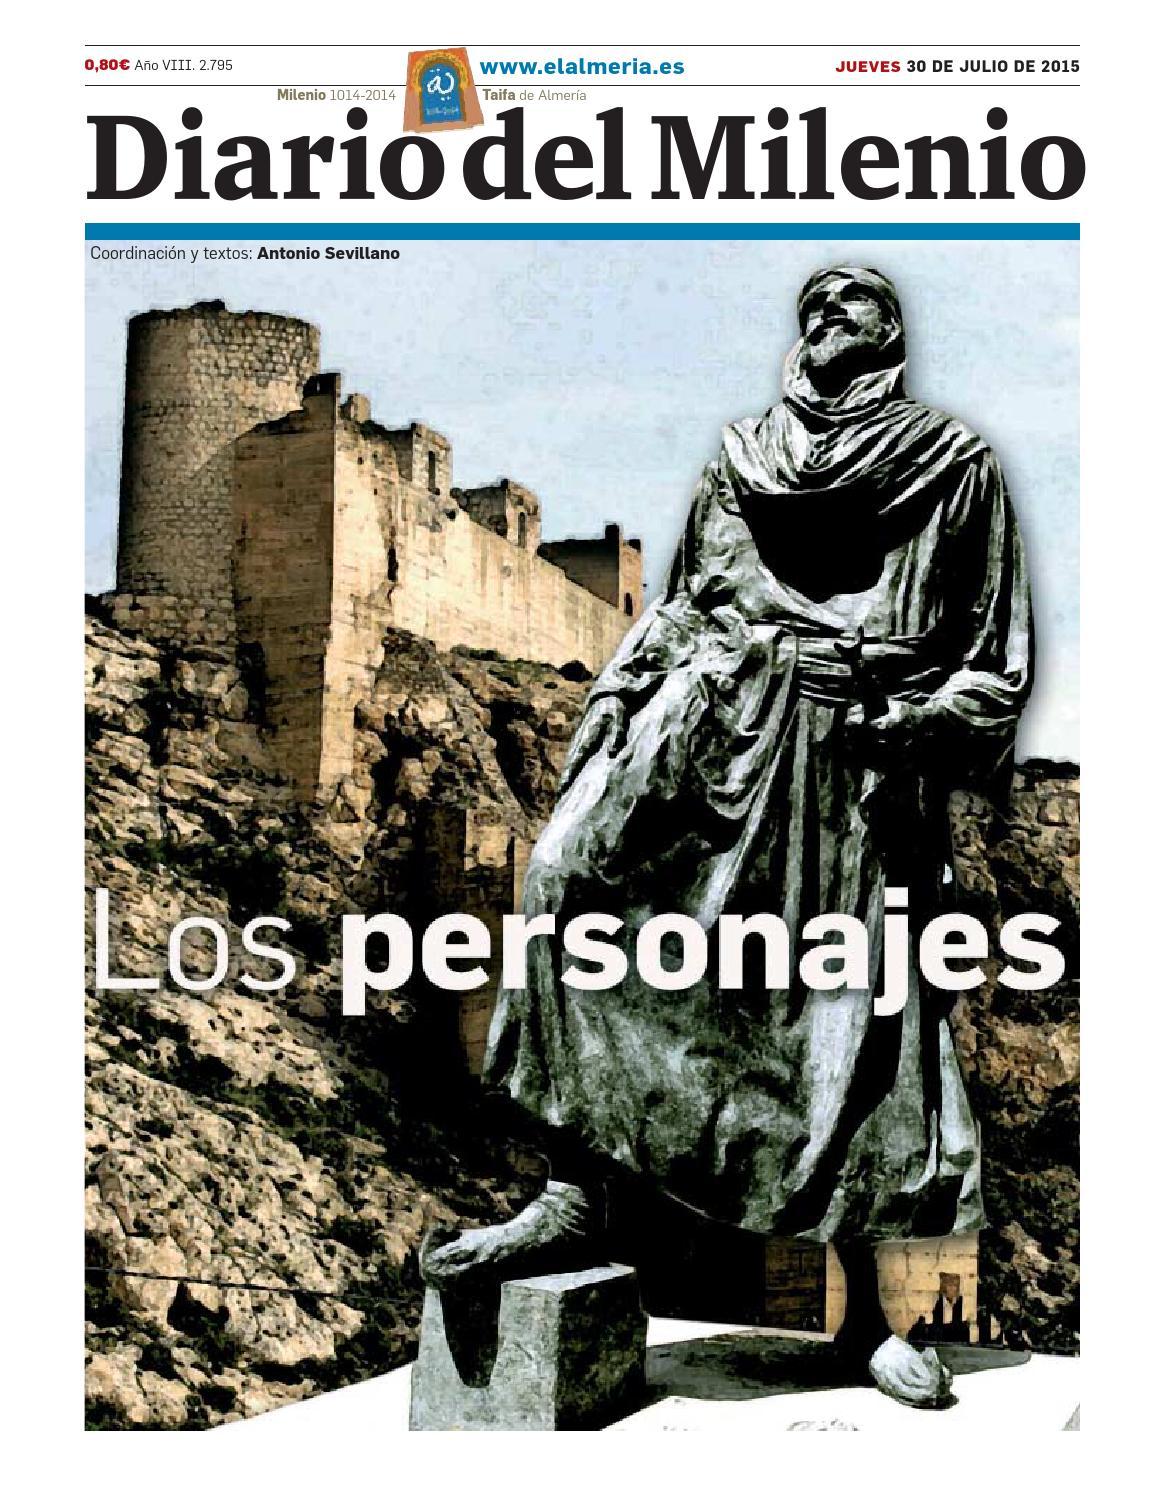 Diario del Milenio 2015 by Joly_Digital - issuu